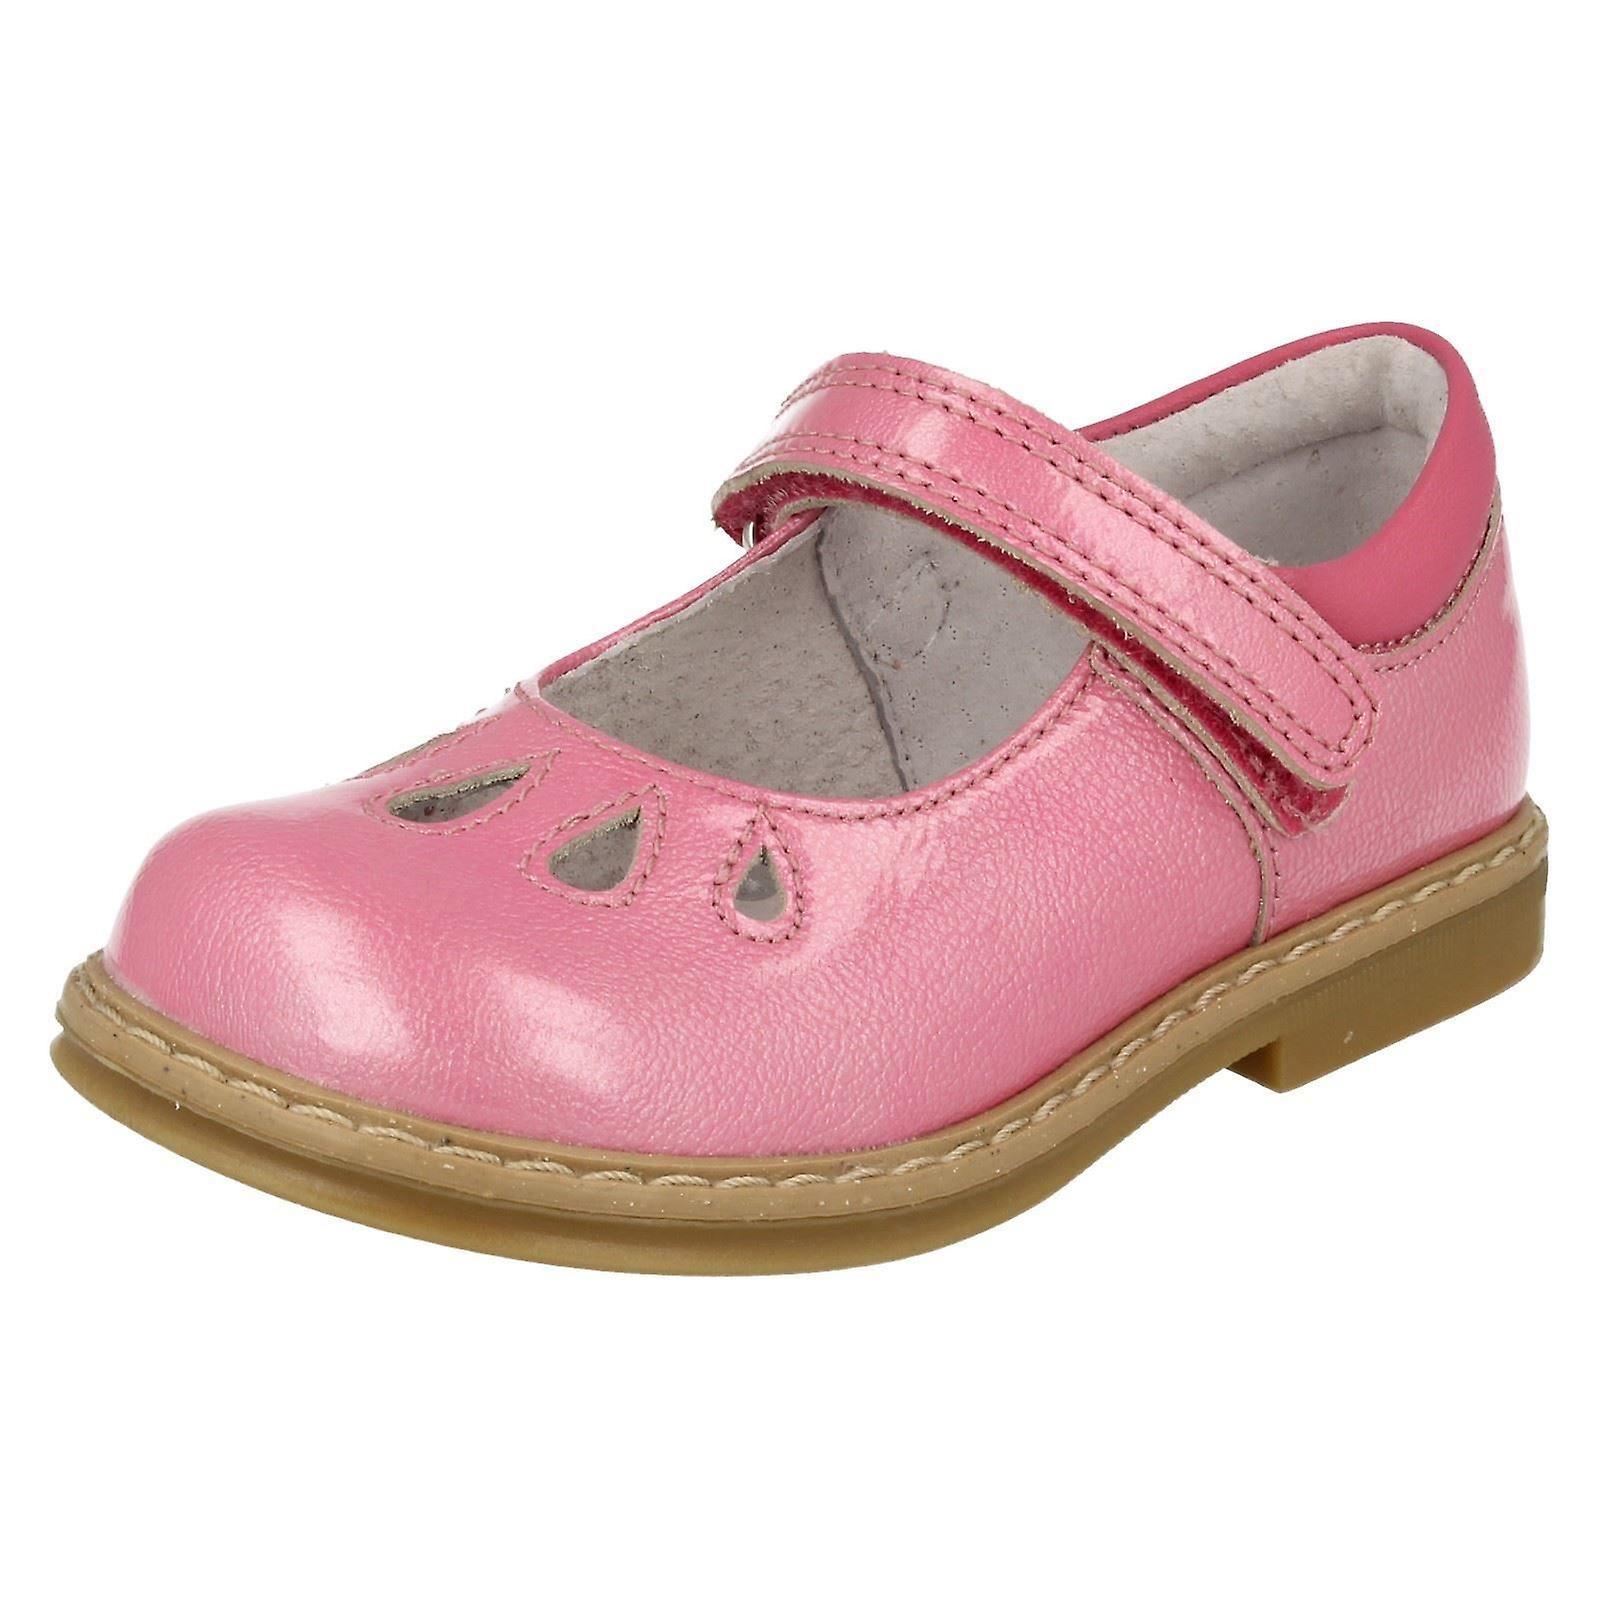 Mädchen Startrite Klettverschluss Schuhe Tamara